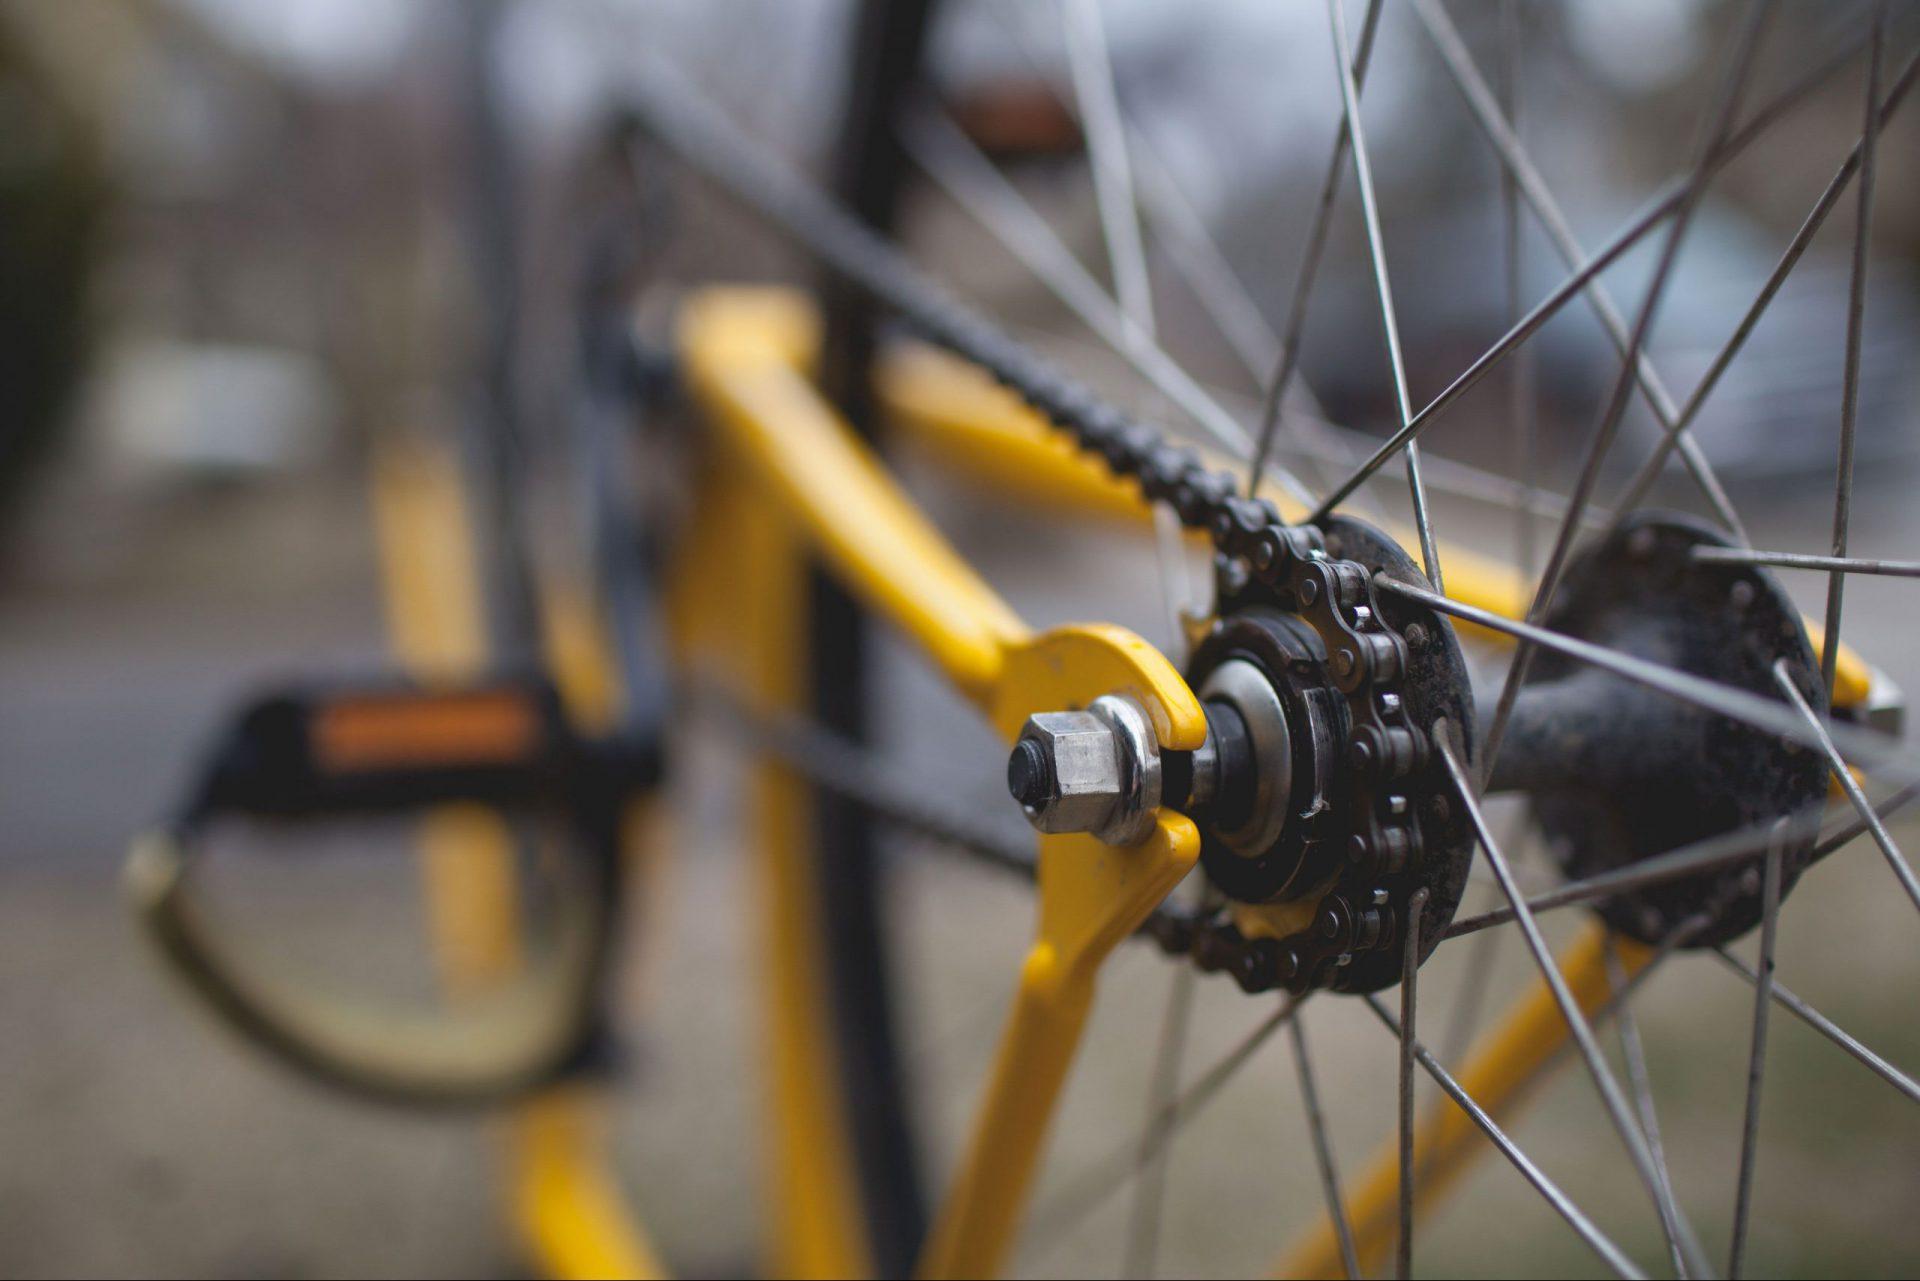 Fahrradspeichen in Großaufnahme